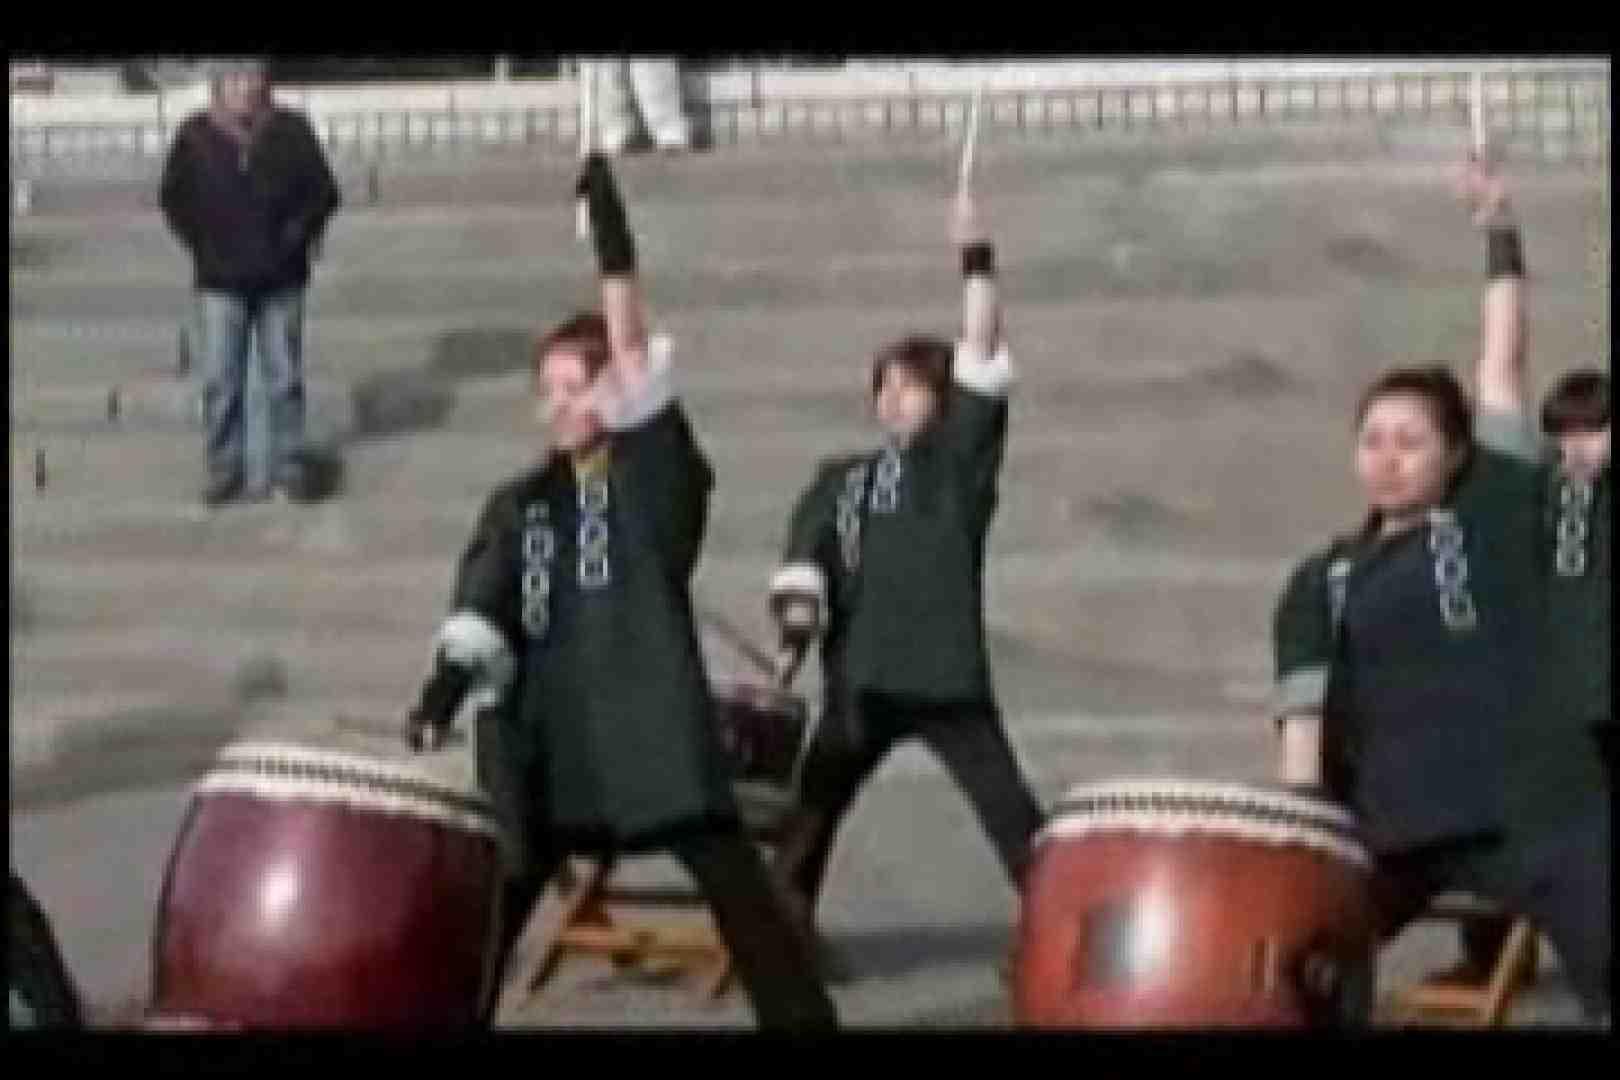 陰間茶屋 男児祭り VOL.1 野外露出動画 ゲイ丸見え画像 76pic 38